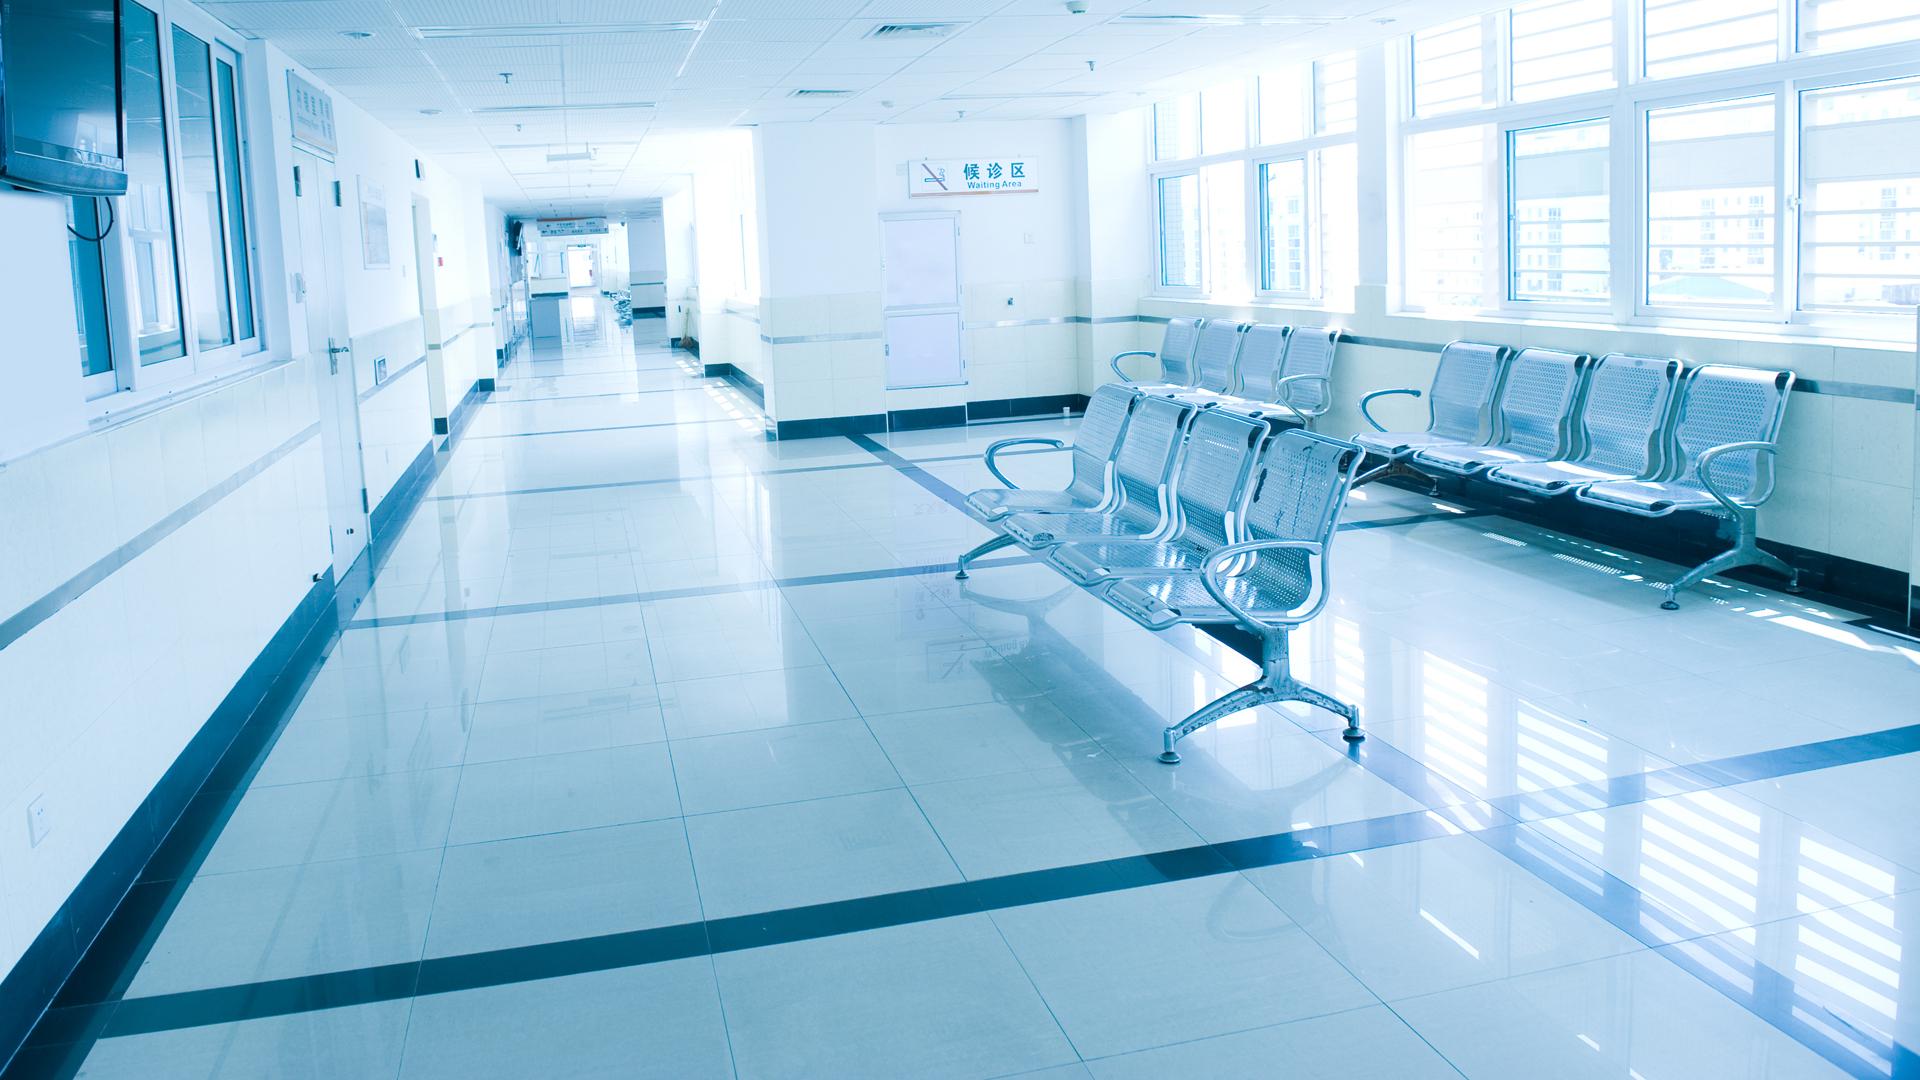 La prueba que le realizó, fue la de esquivar filas de sillas del pasillo del hospital